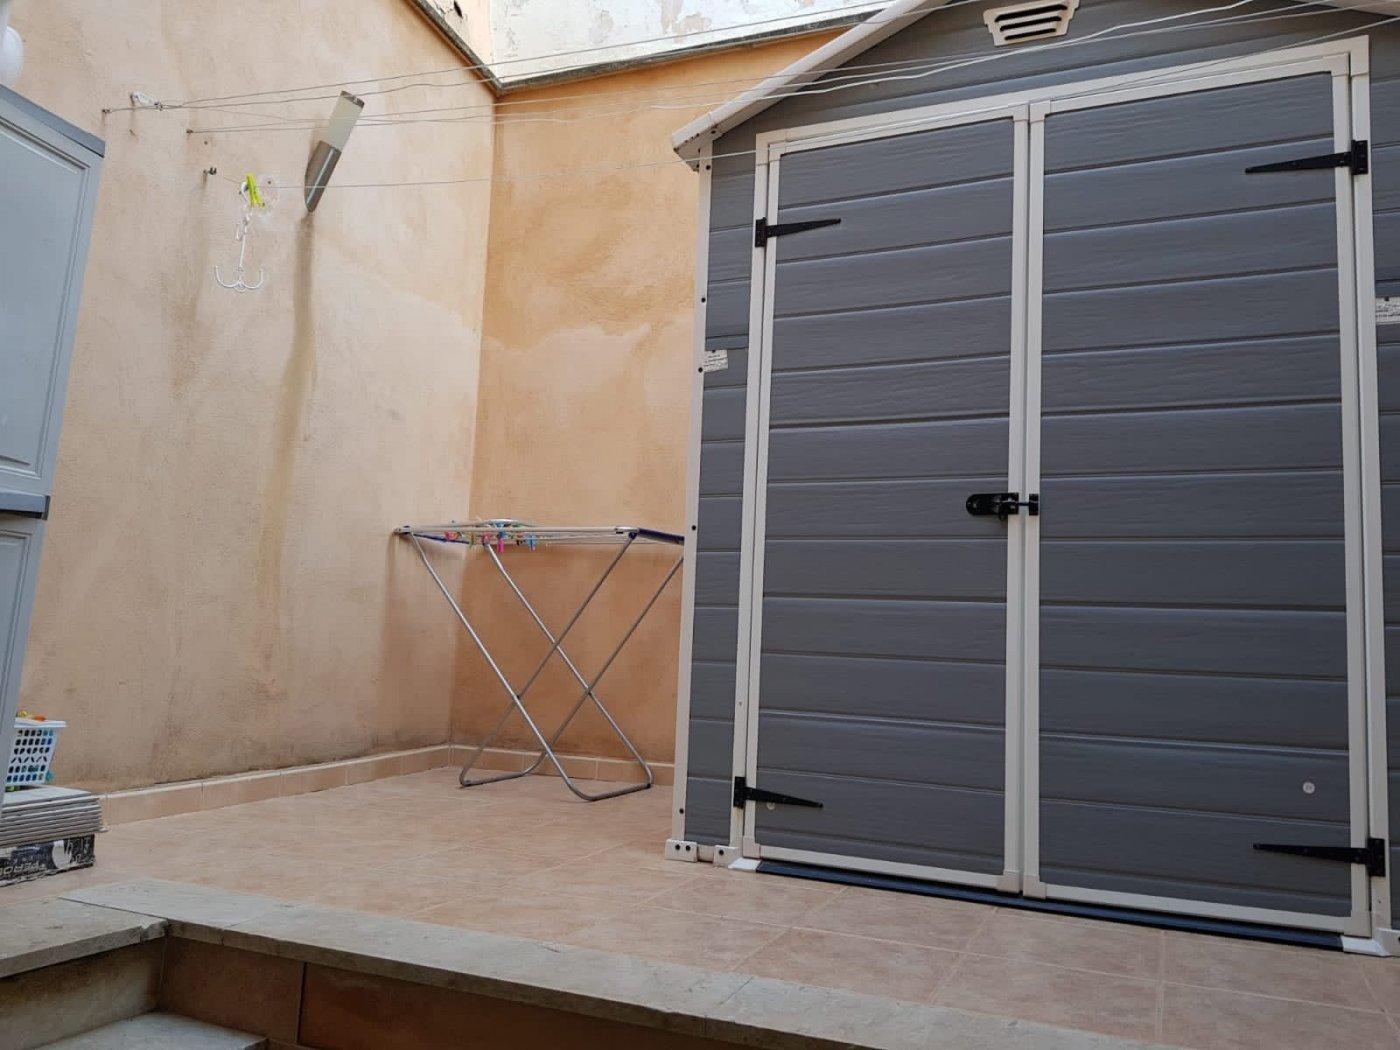 Se vende bonito apartamento semi nuevo con parking en andratx - imagenInmueble21